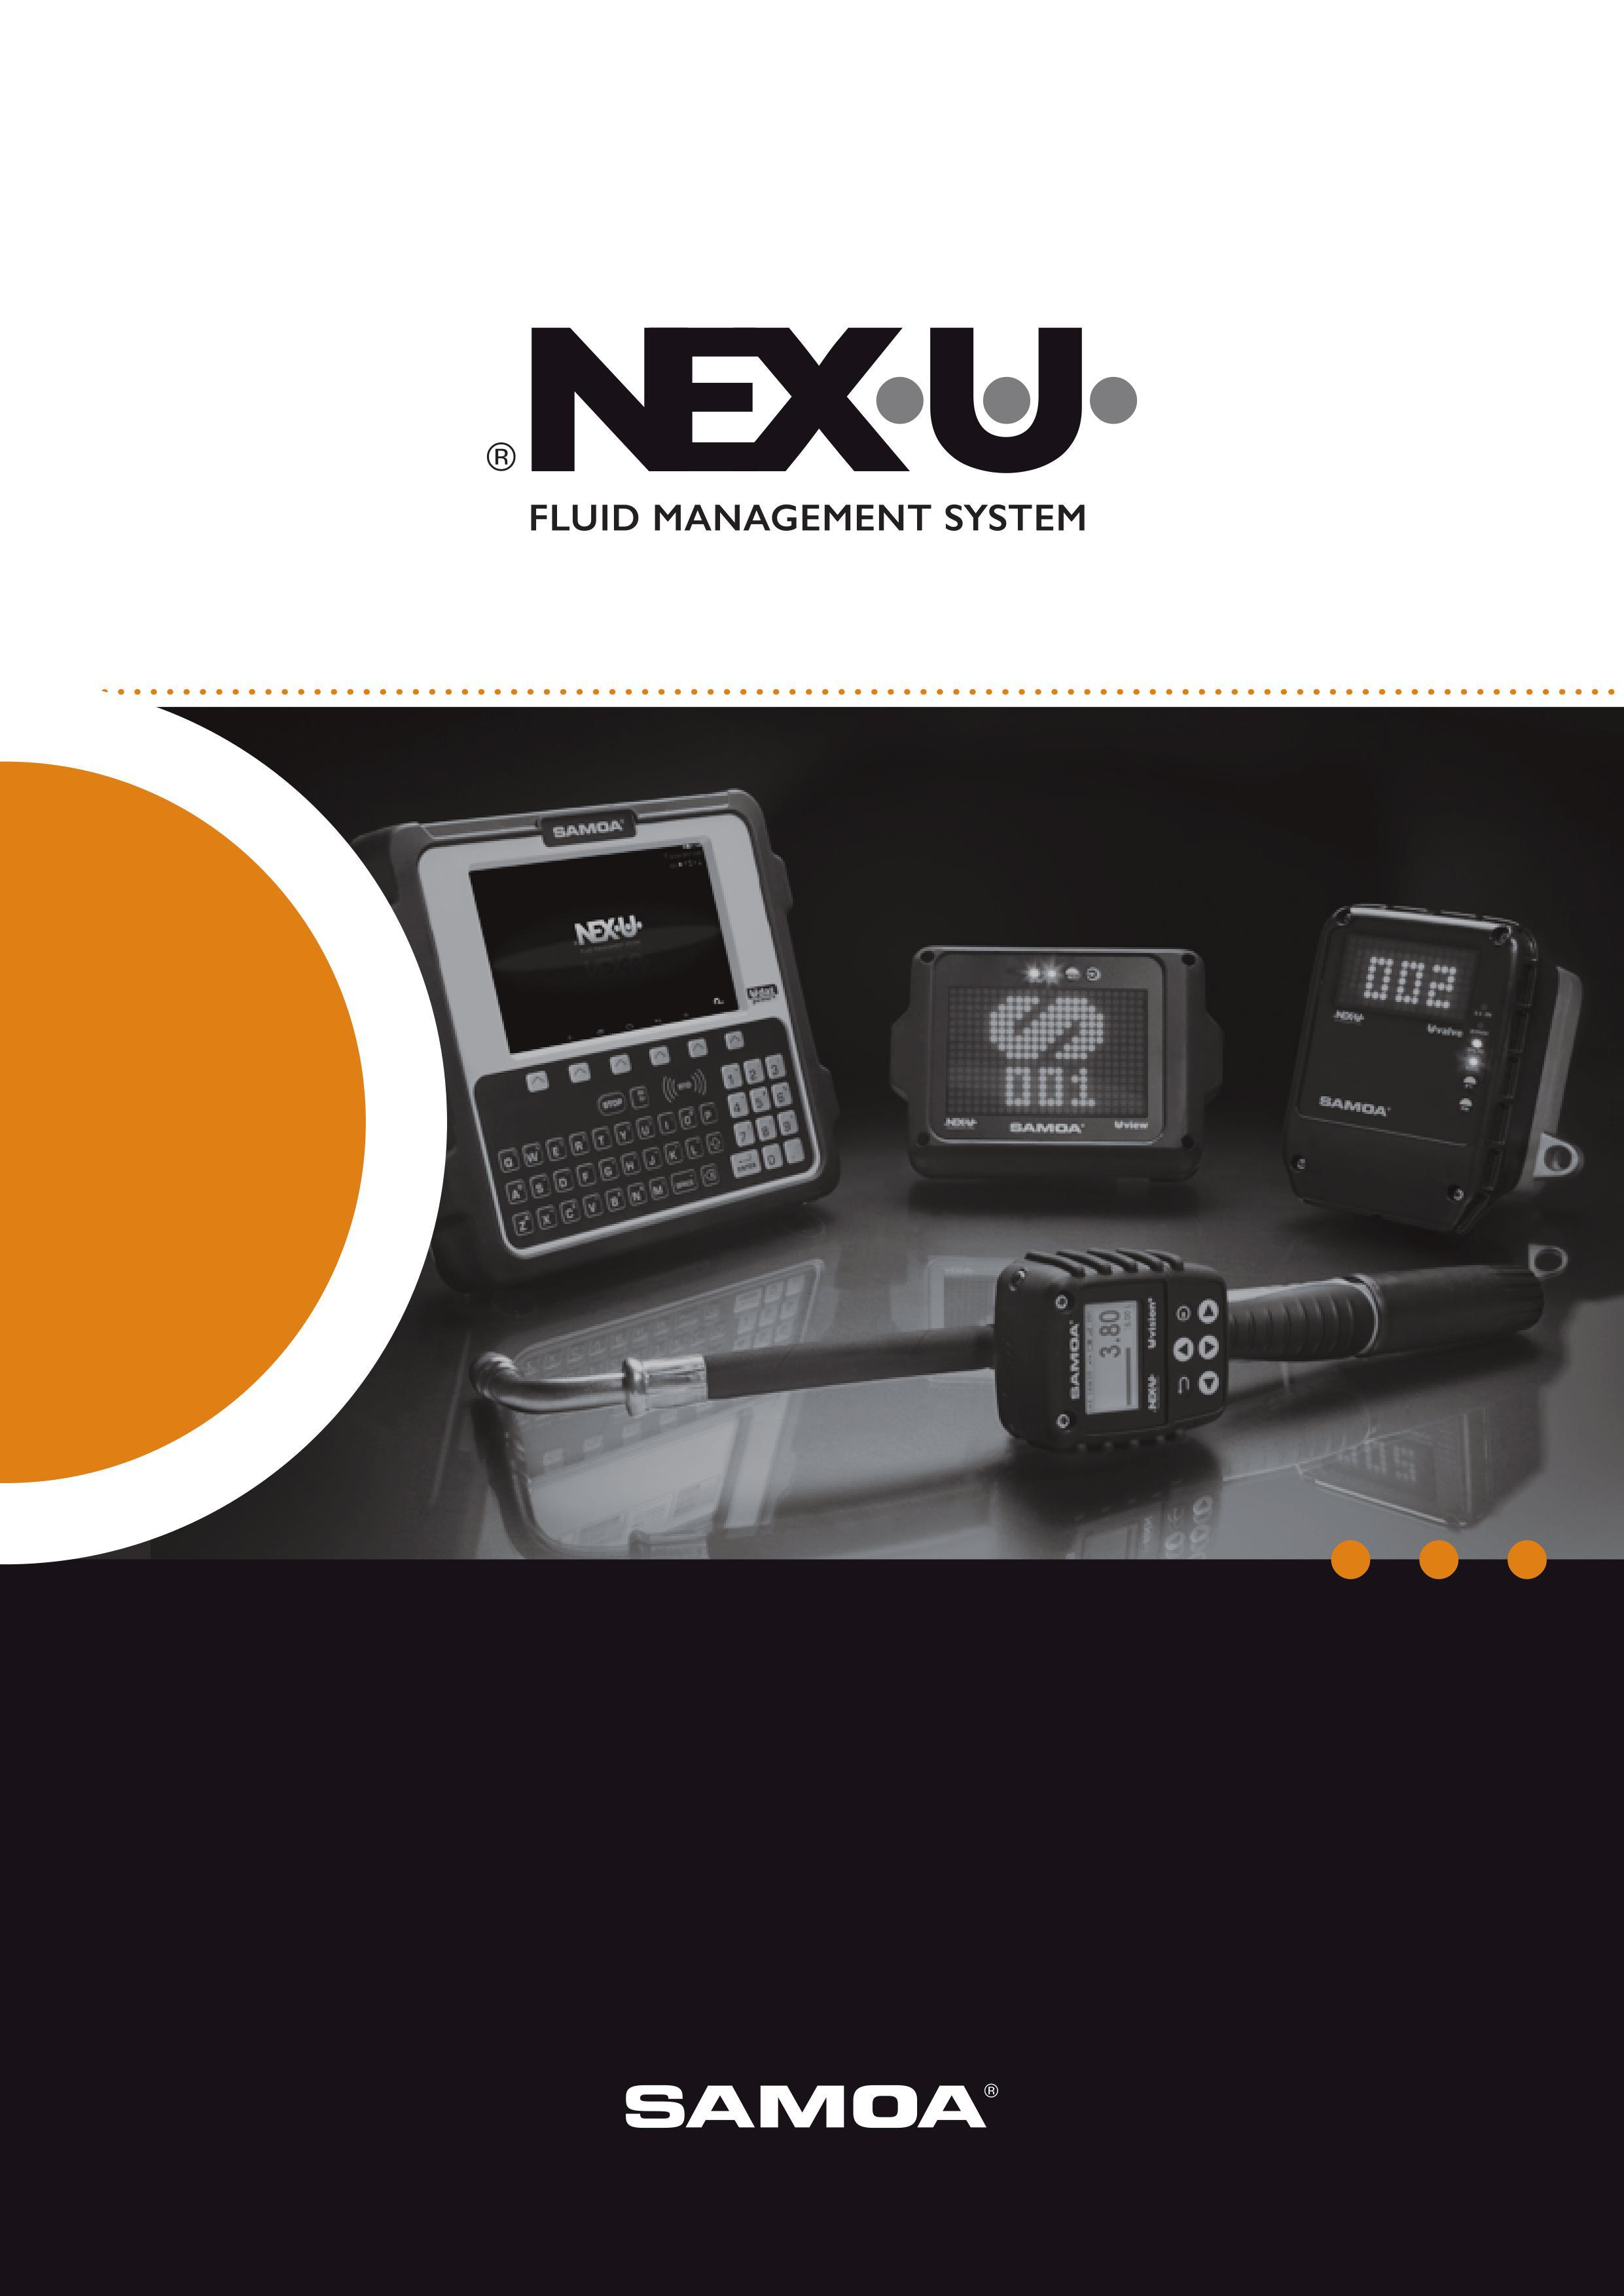 nexu-cover.jpg